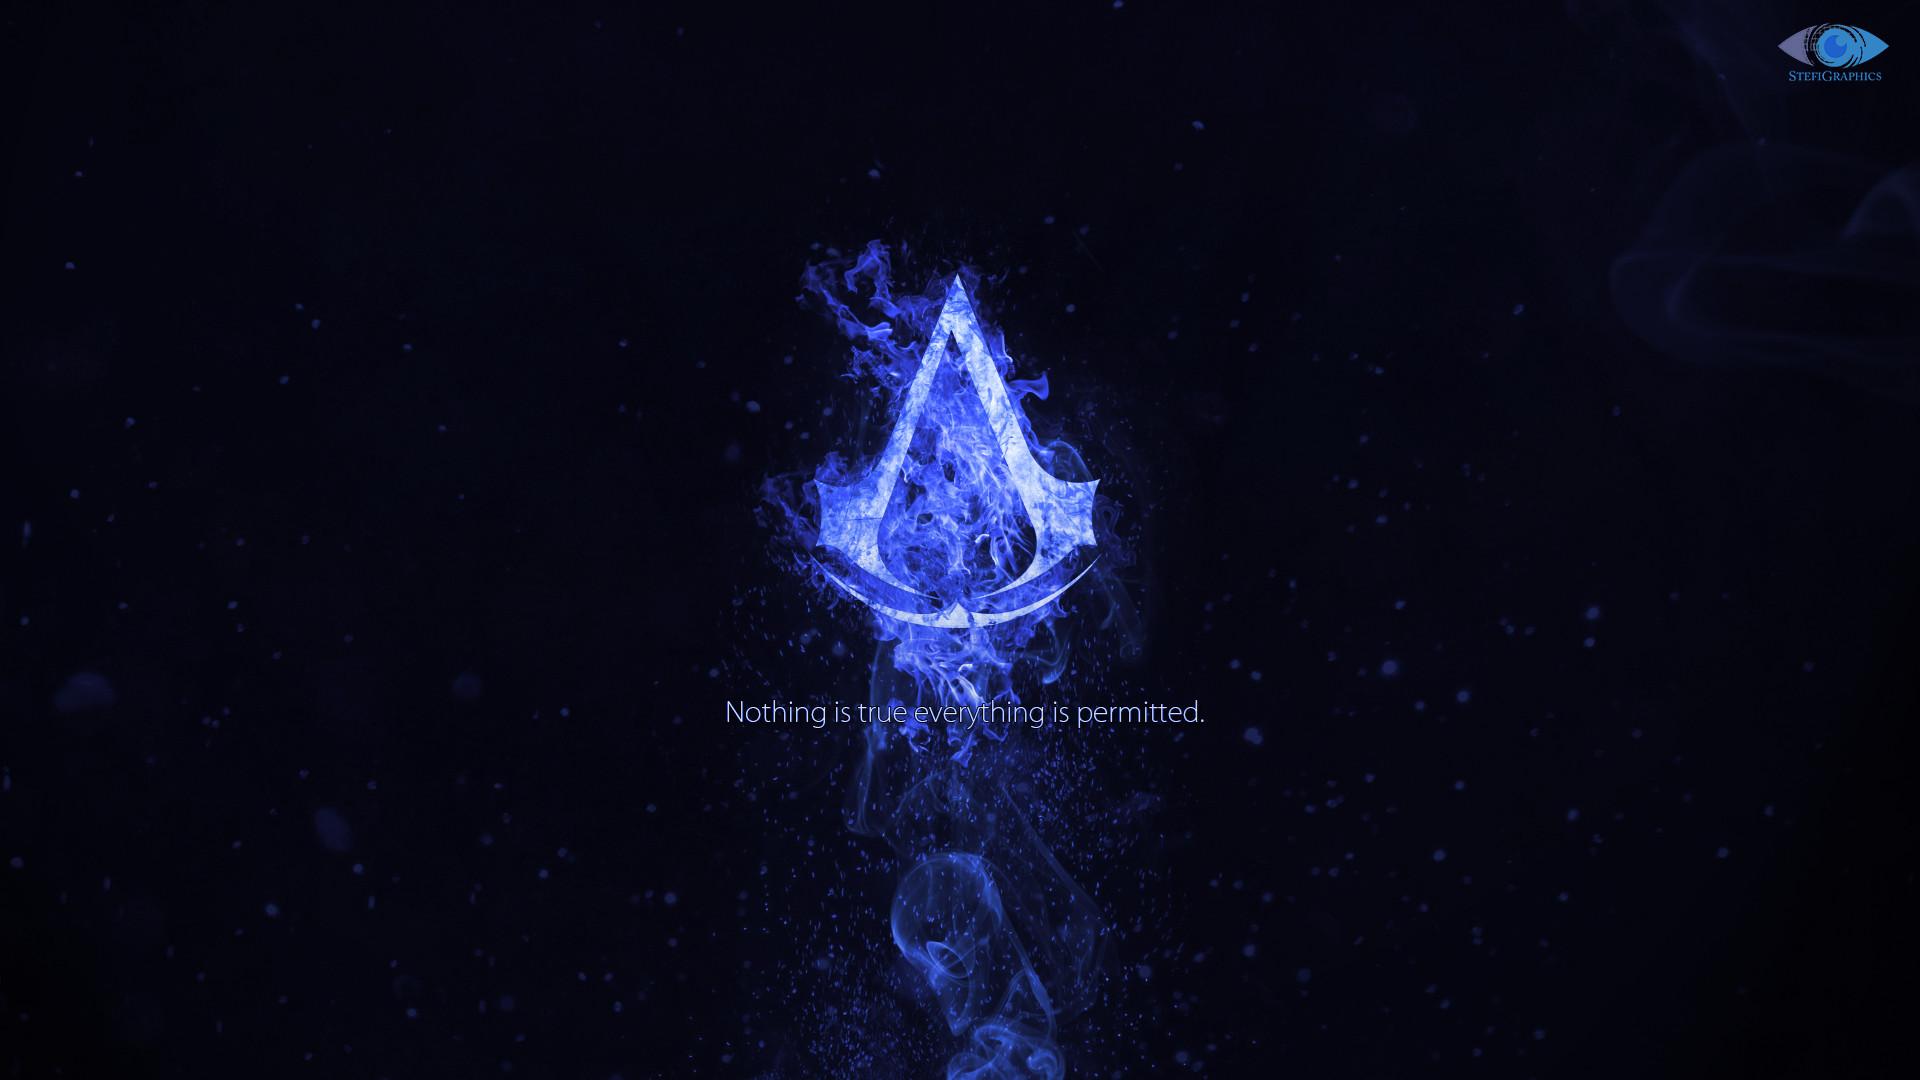 Assassins Creed Symbol Desktop Wallpaper (87+ Images